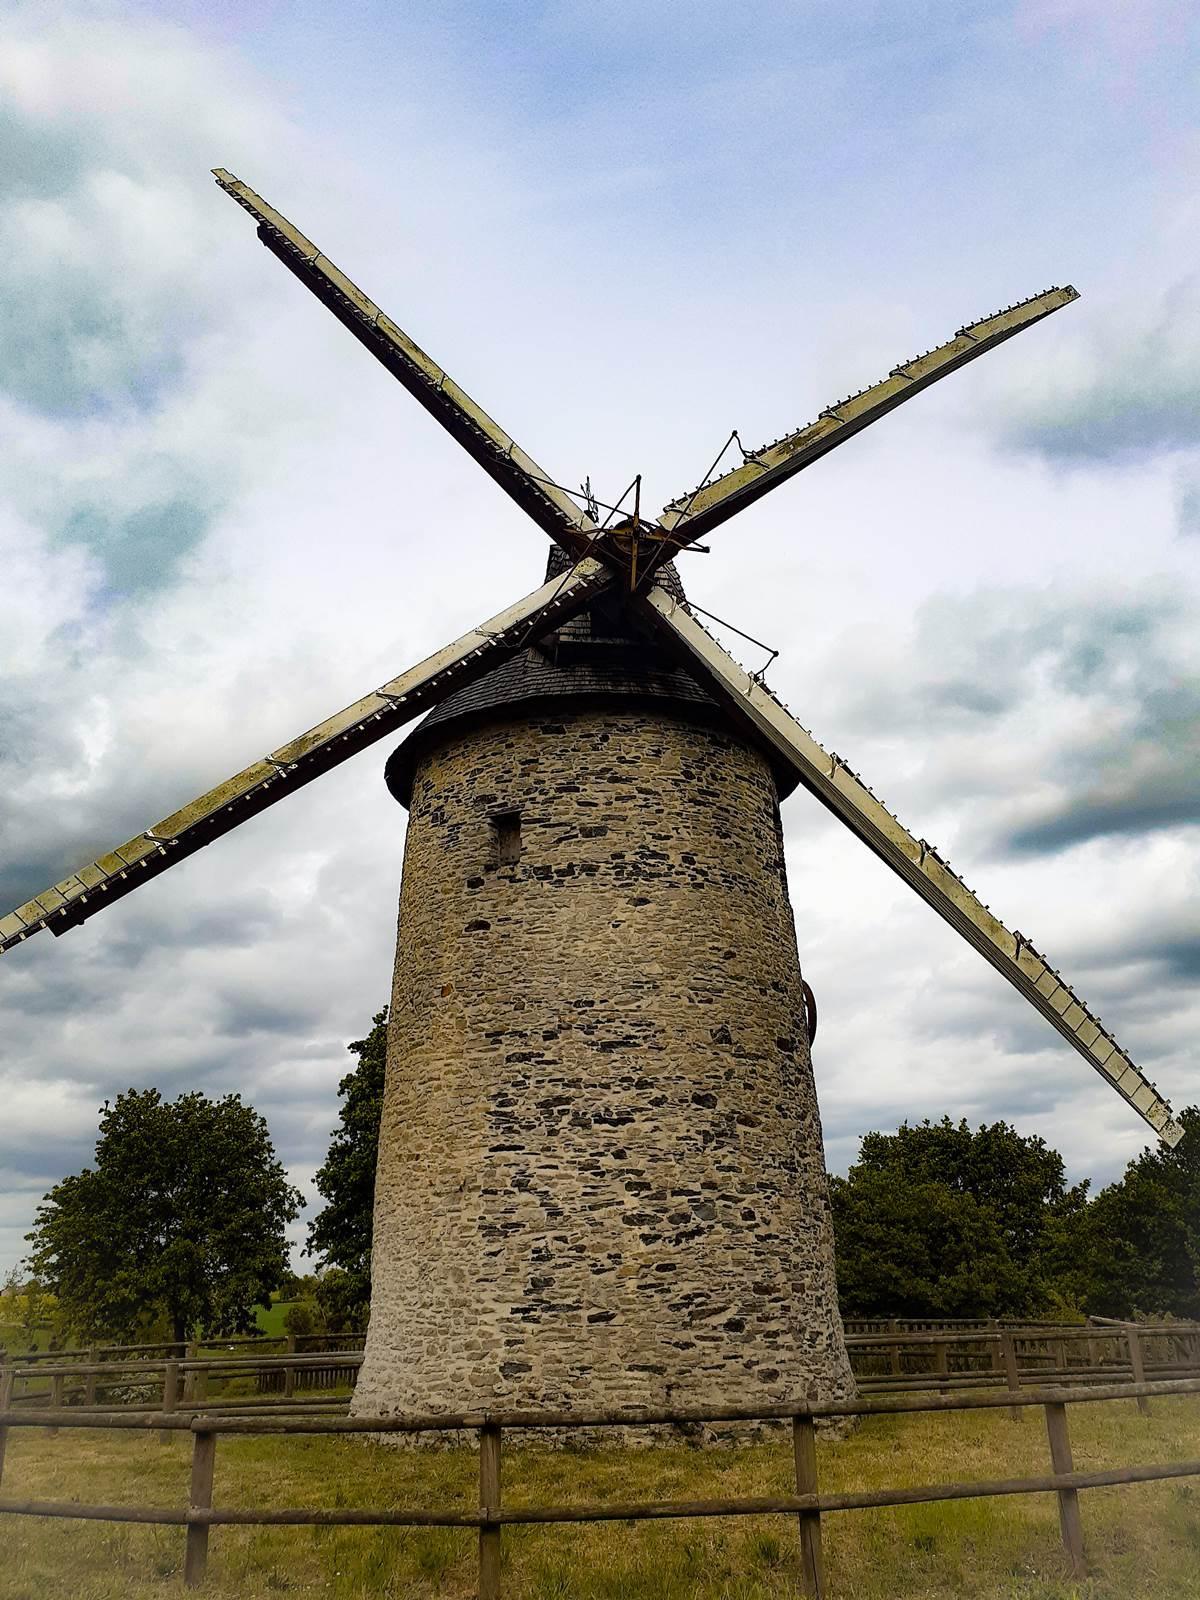 Pannece moulin idee de sortiespsx 20210505 174800